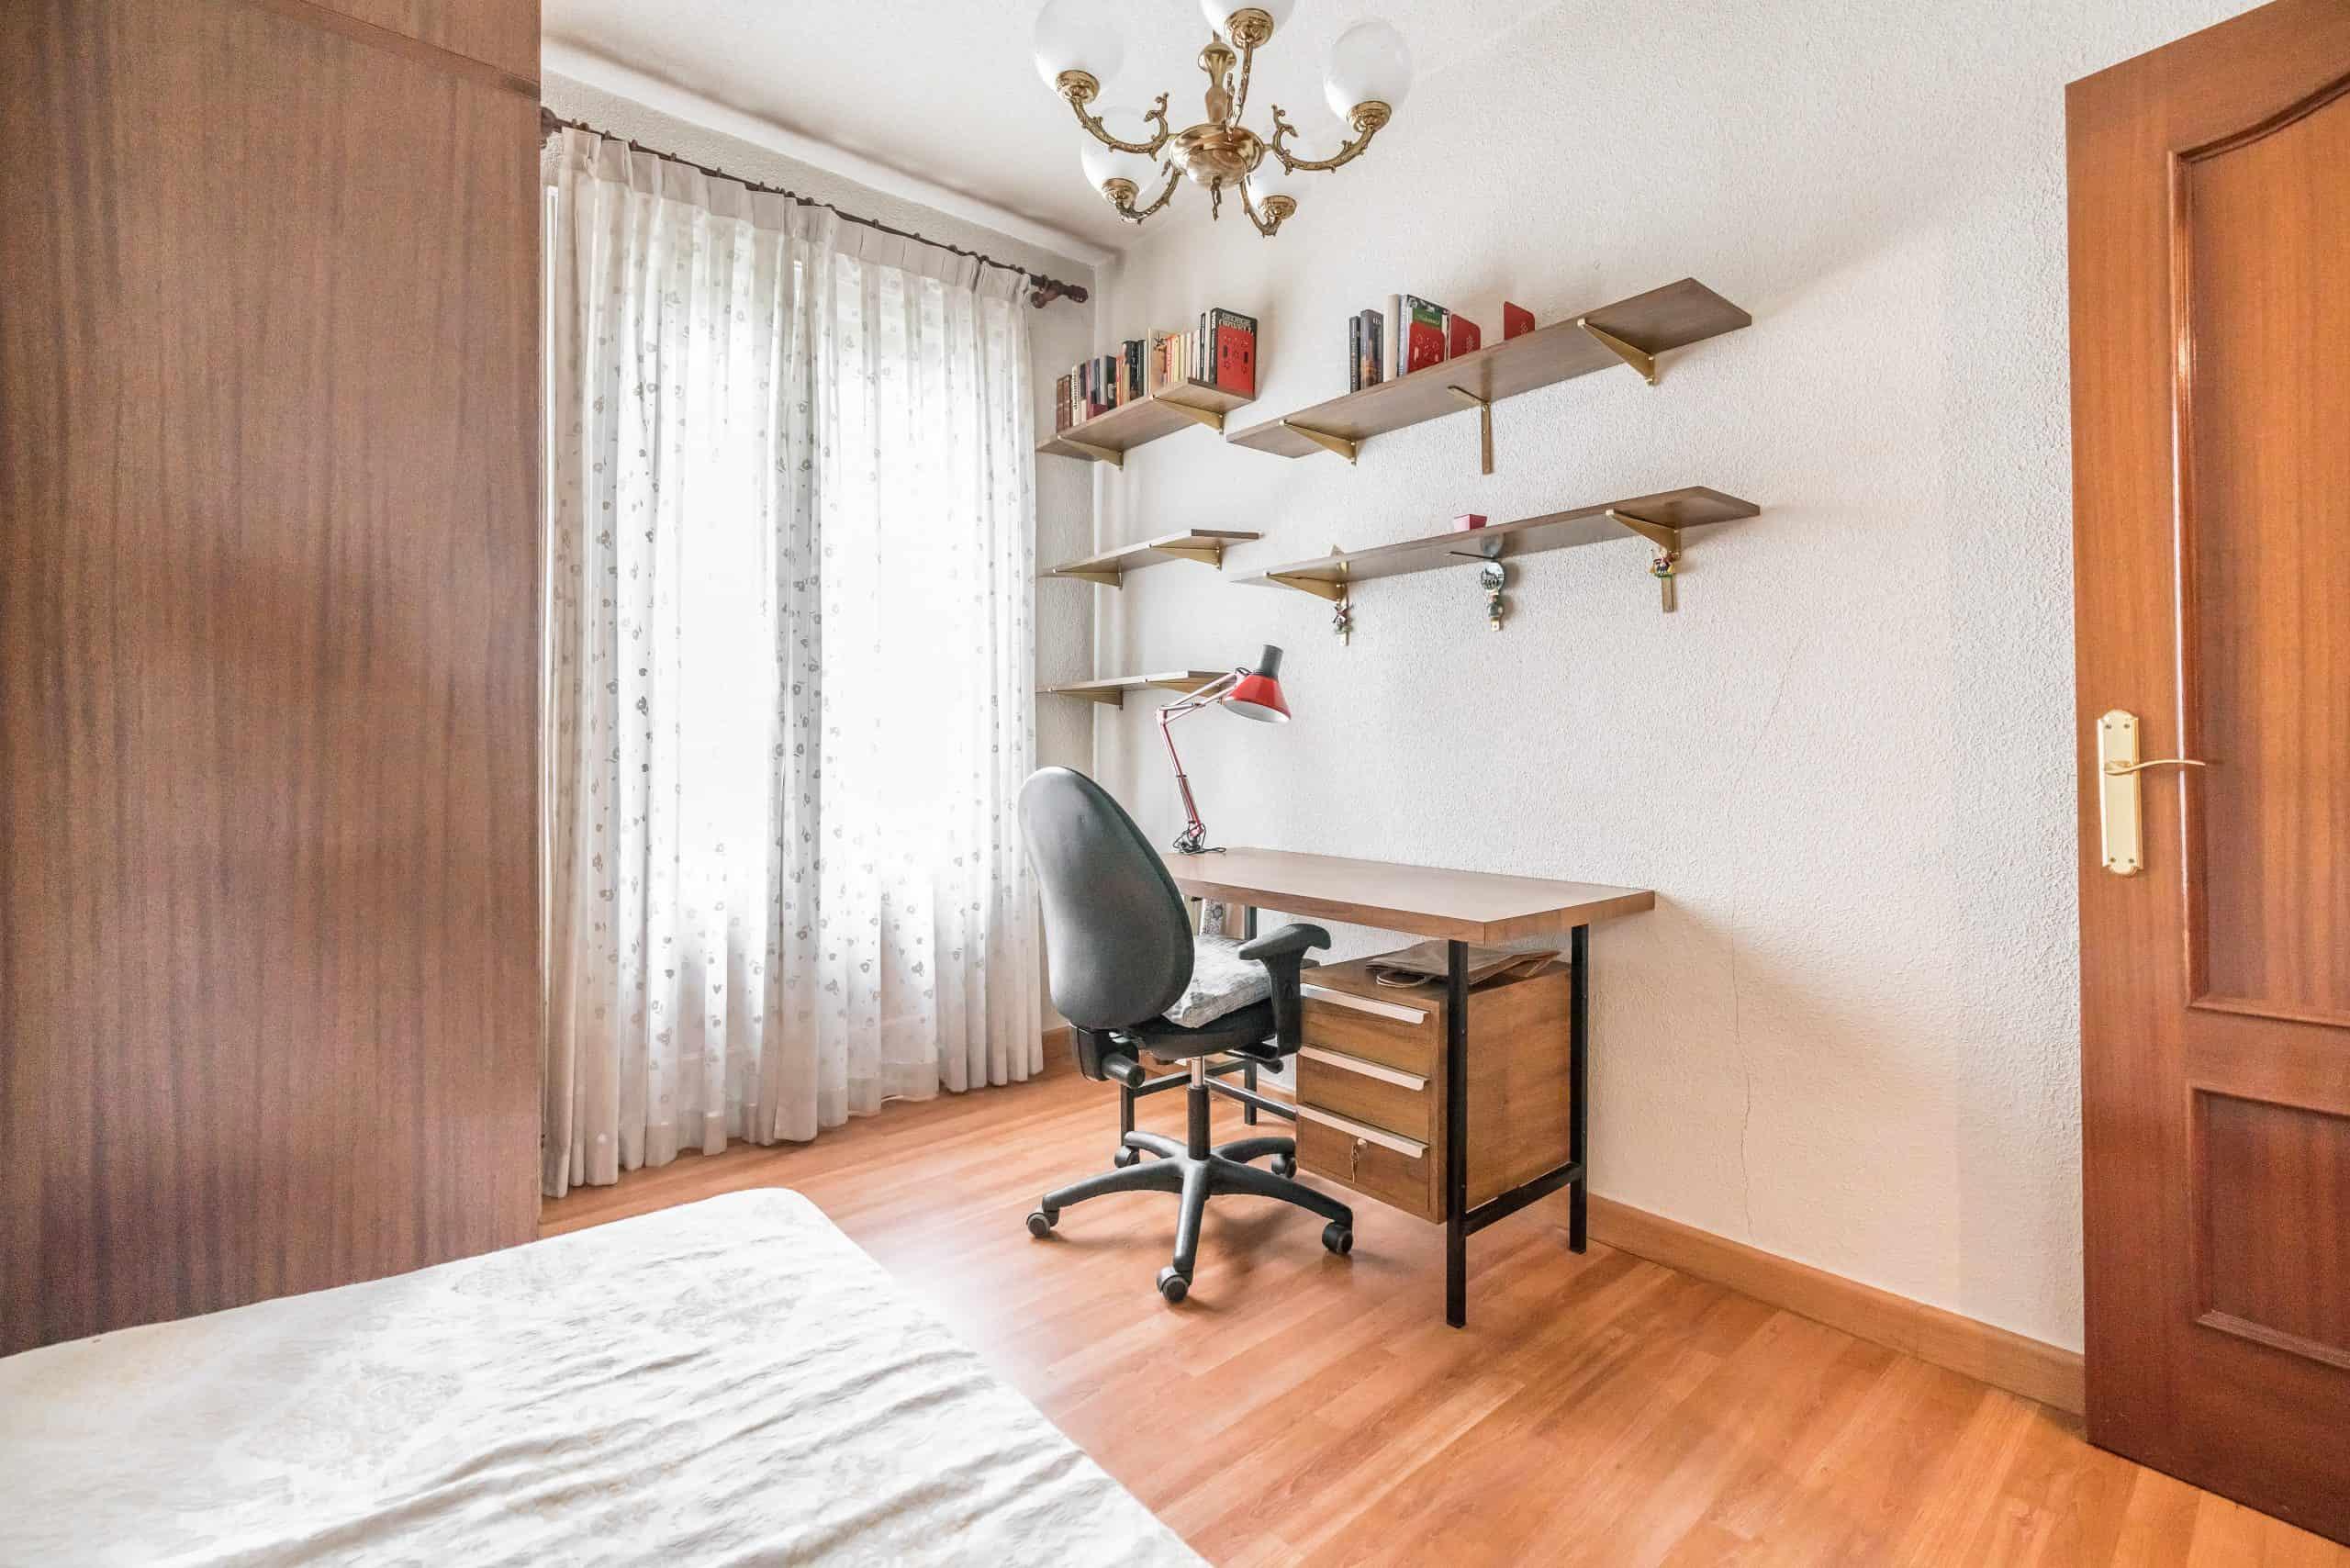 7 DORMITORIO4 (4) (Copy) Agencia Inmobiliaria de Madrid-FUTUROCASA-Zona ARGANZUELA-